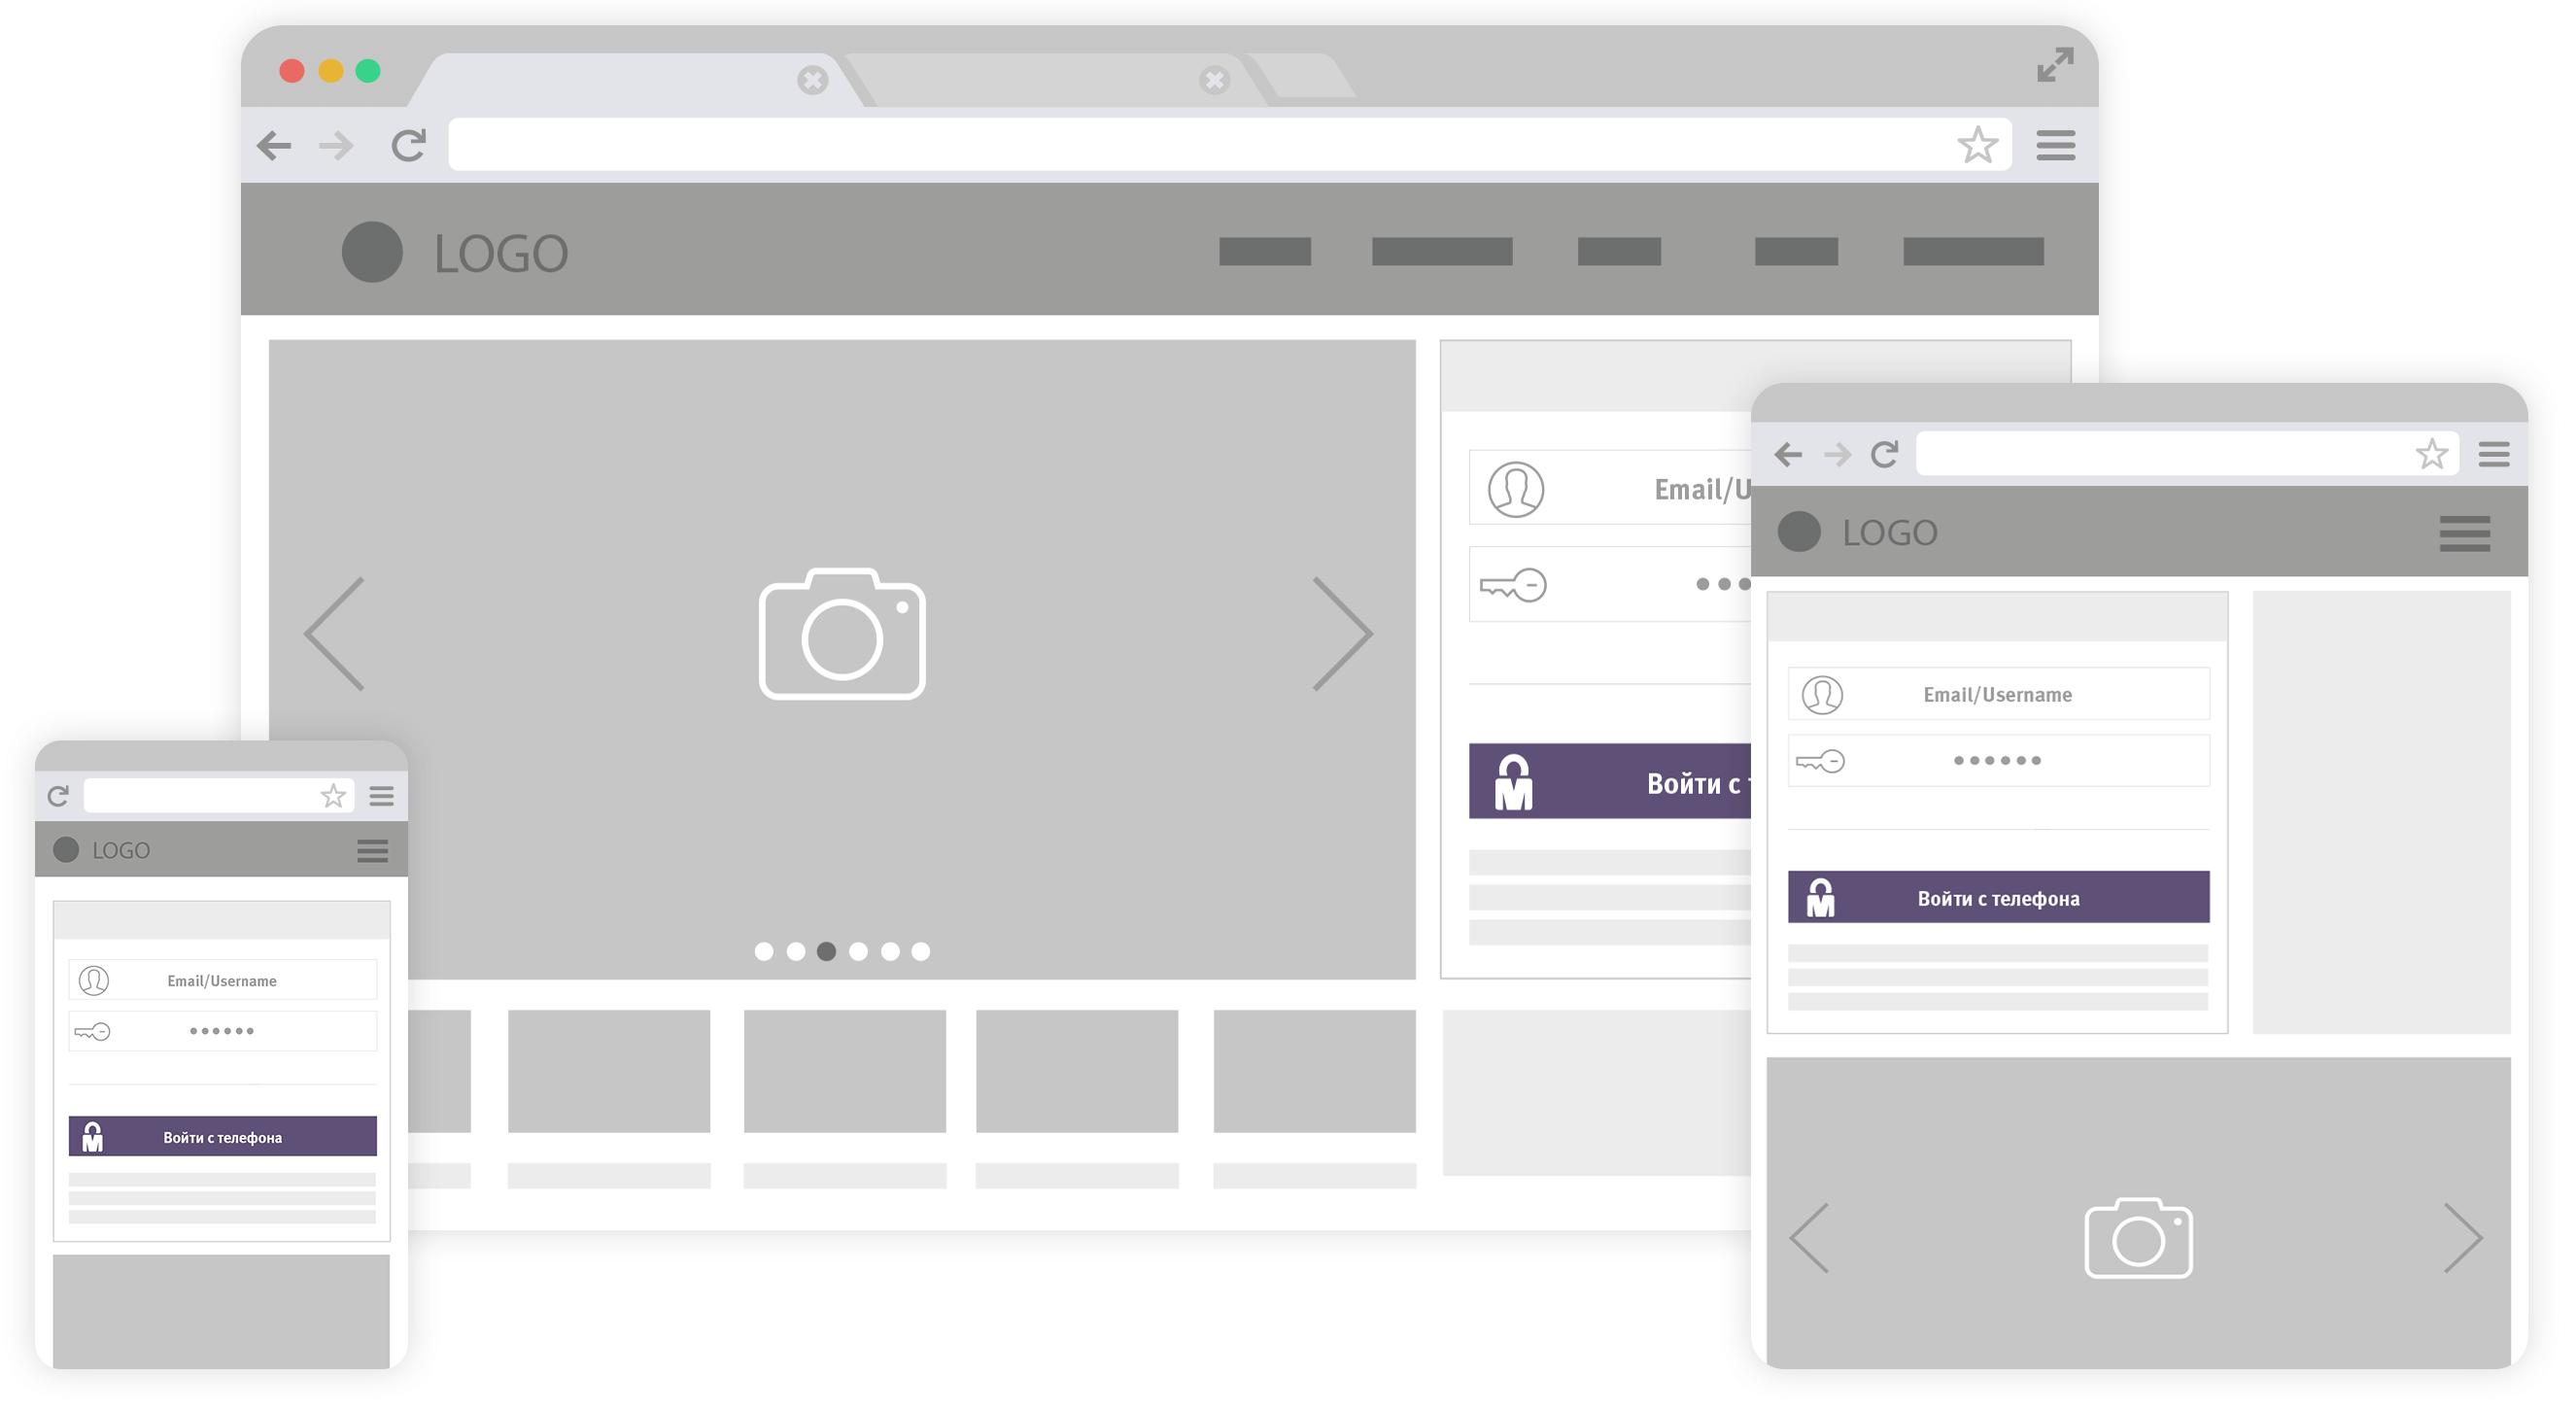 Многоканальная платформа обмена сообщениями Messaggio.com. Viber, WhatsApp, SMS & RCS бизнес-сообщения.